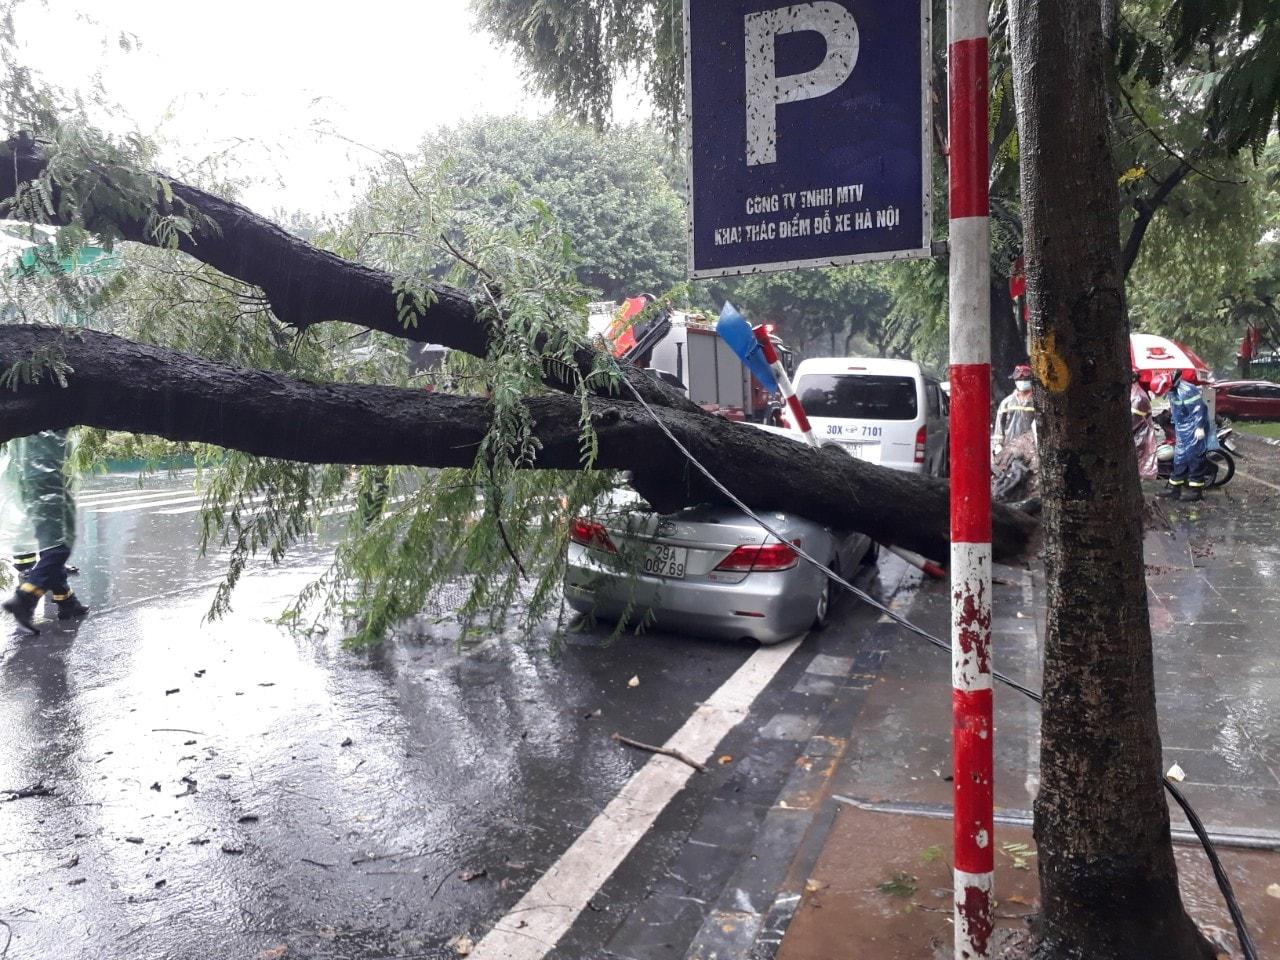 Cây me bật gốc đè bẹp ôtô trên phố Ngô Quyền. Ảnh Phú Hoàng.